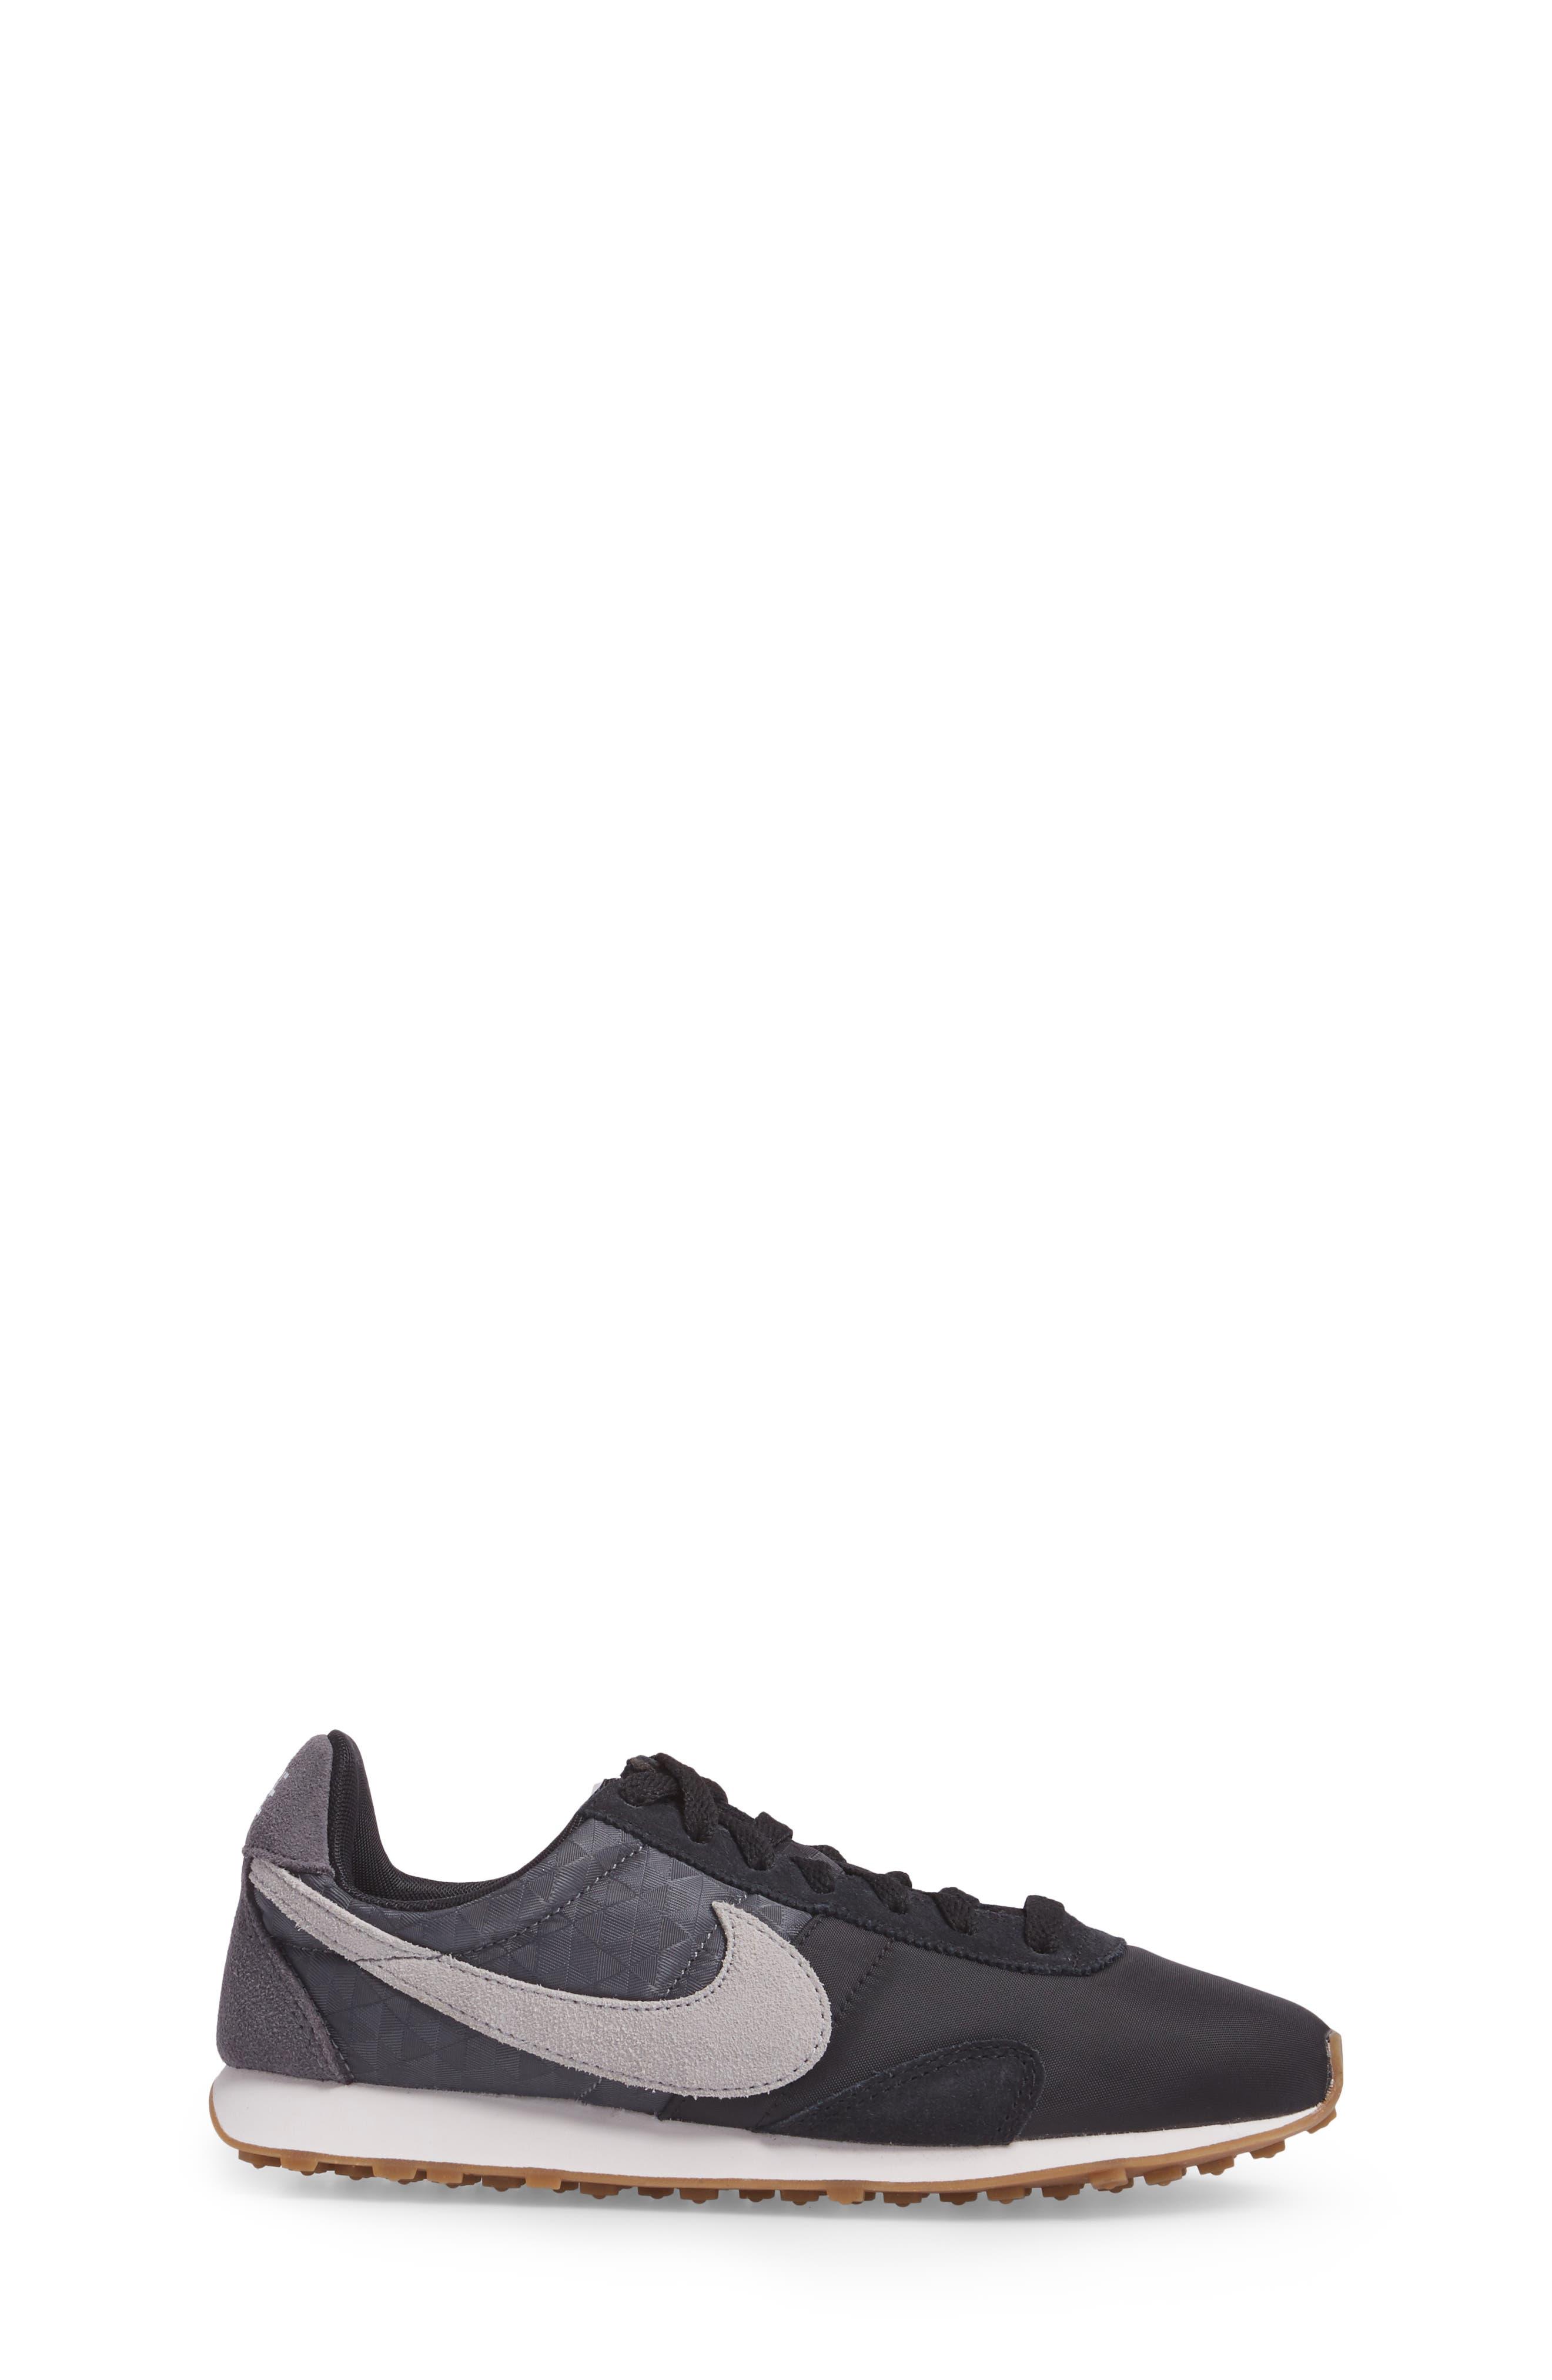 Pre Montreal Racer Sneaker,                             Alternate thumbnail 3, color,                             020